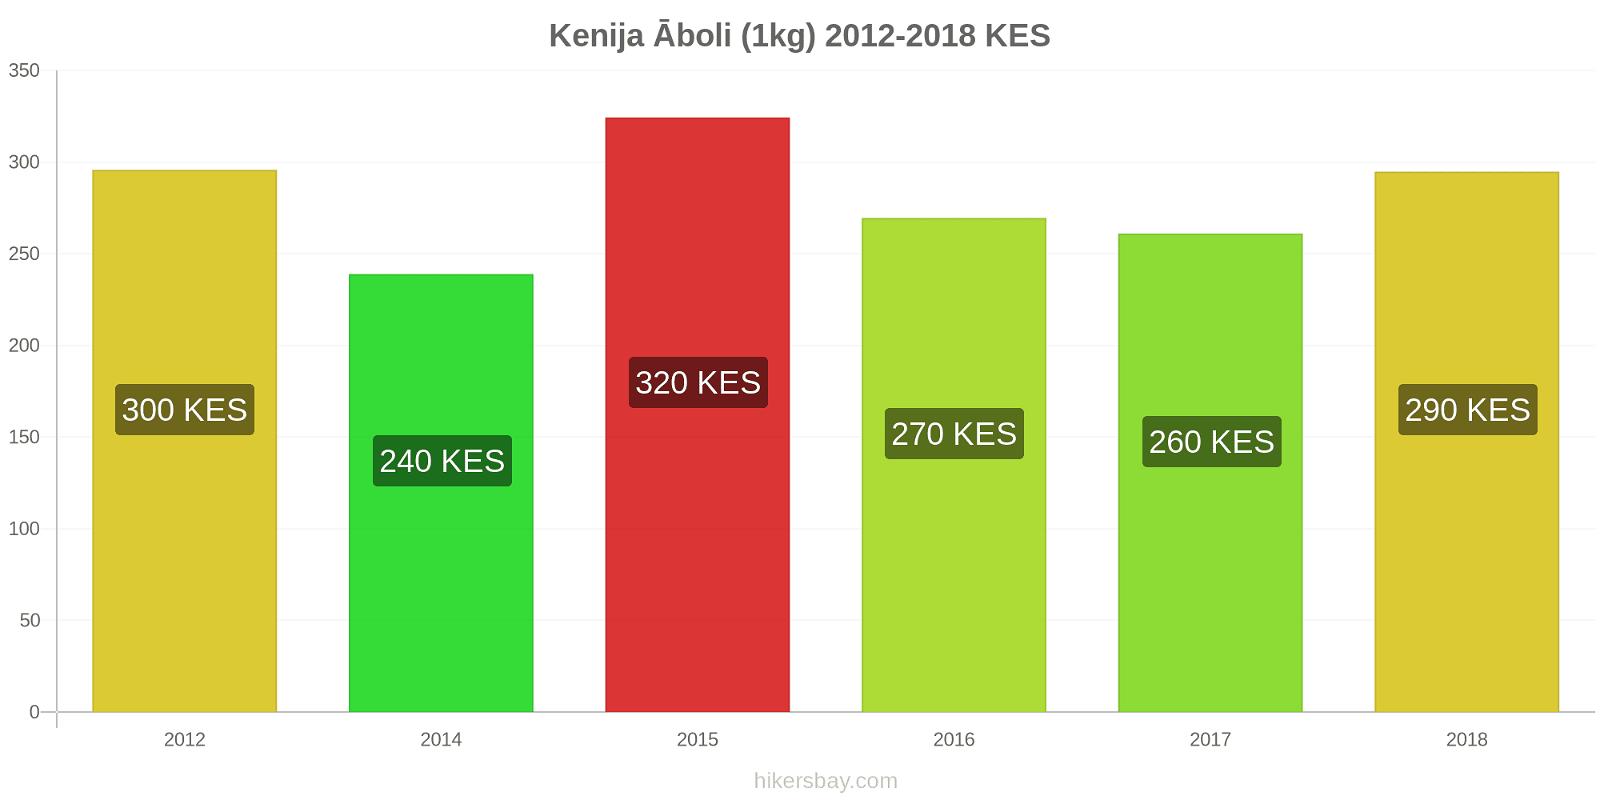 Kenija cenu izmaiņas Āboli (1kg) hikersbay.com